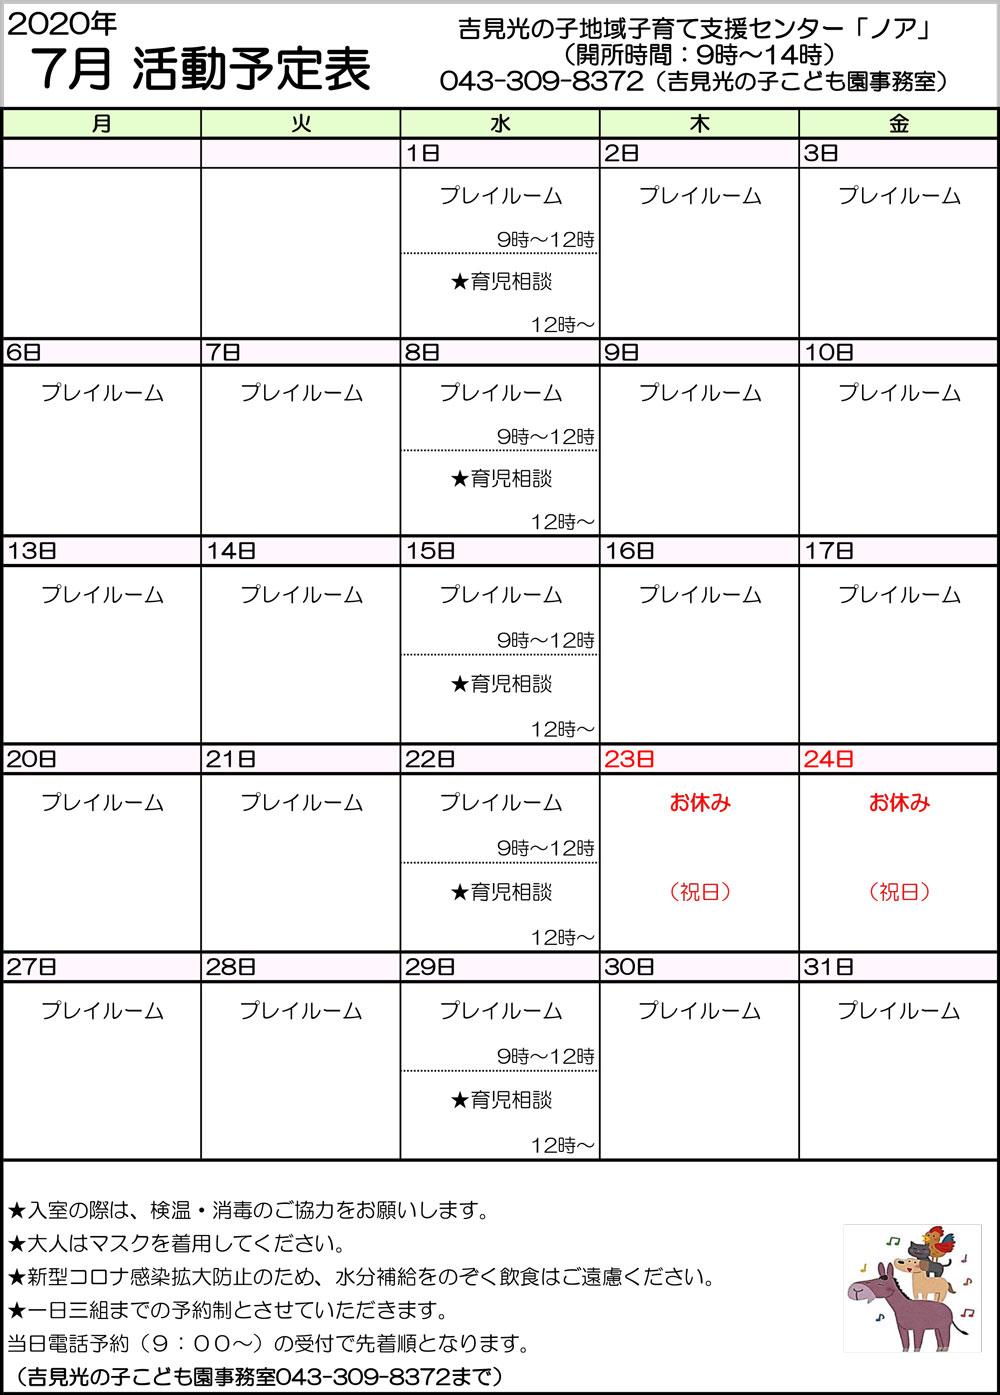 2020.7月ノア活動予定表